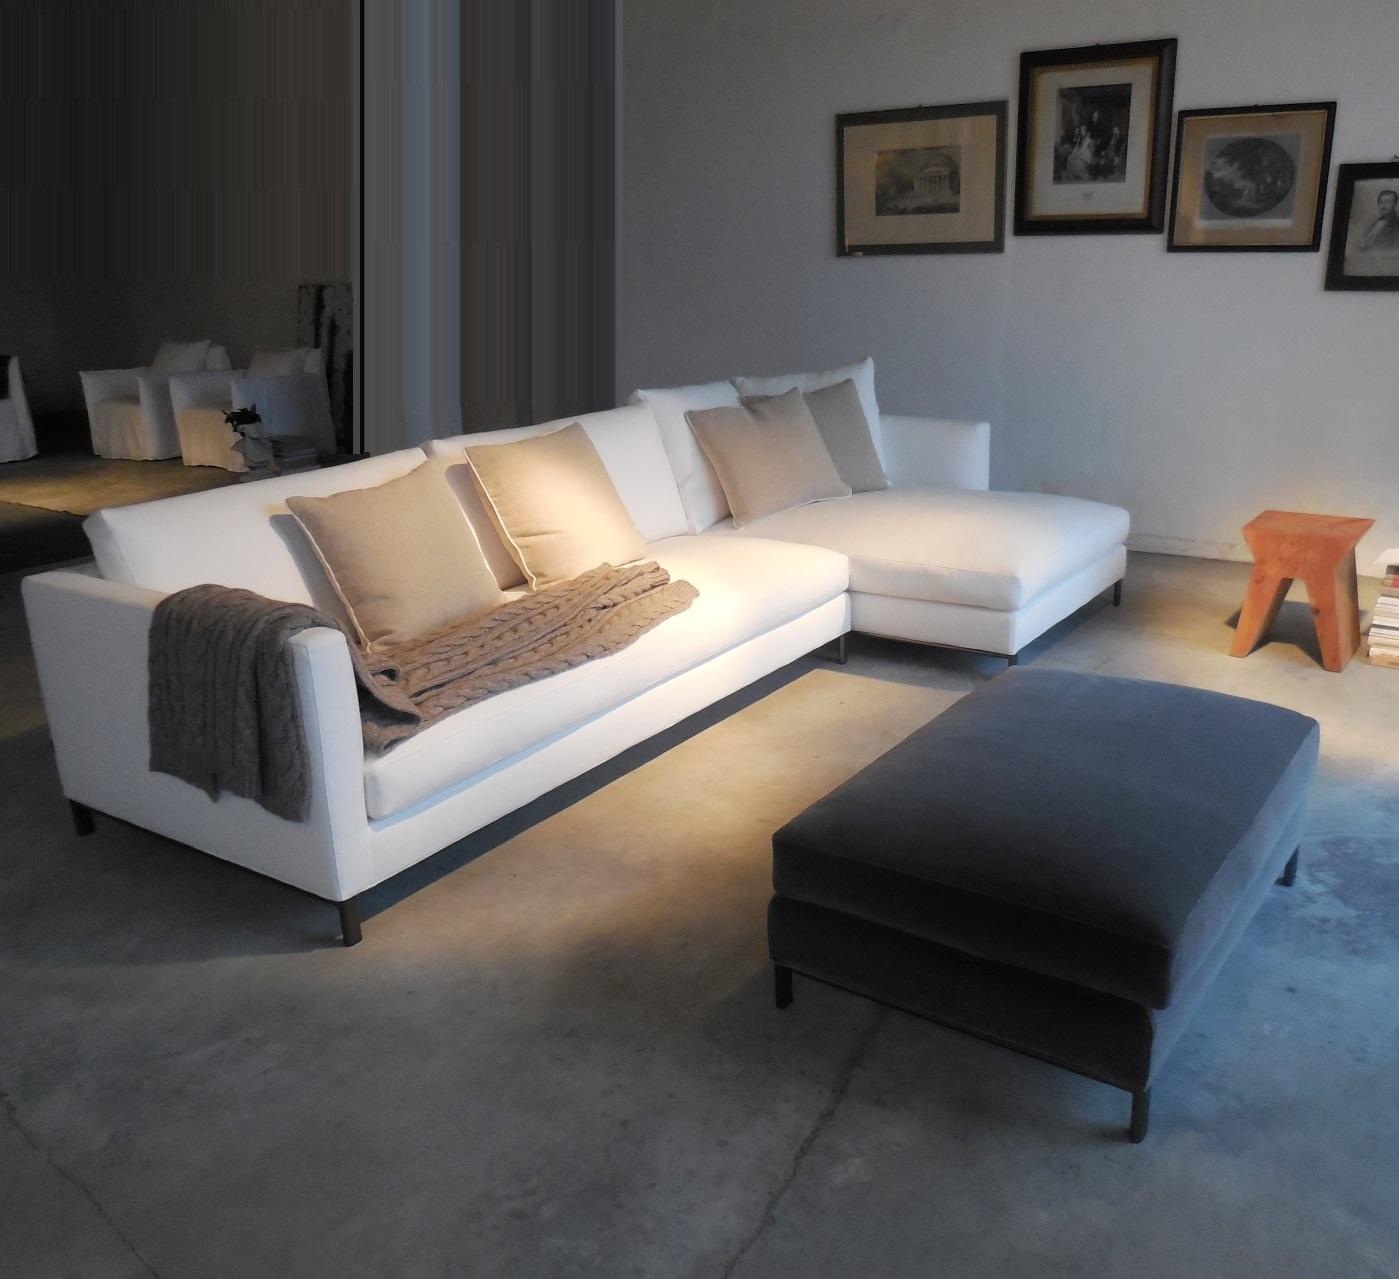 divano verzelloni divano hampton penisola pouf componibile